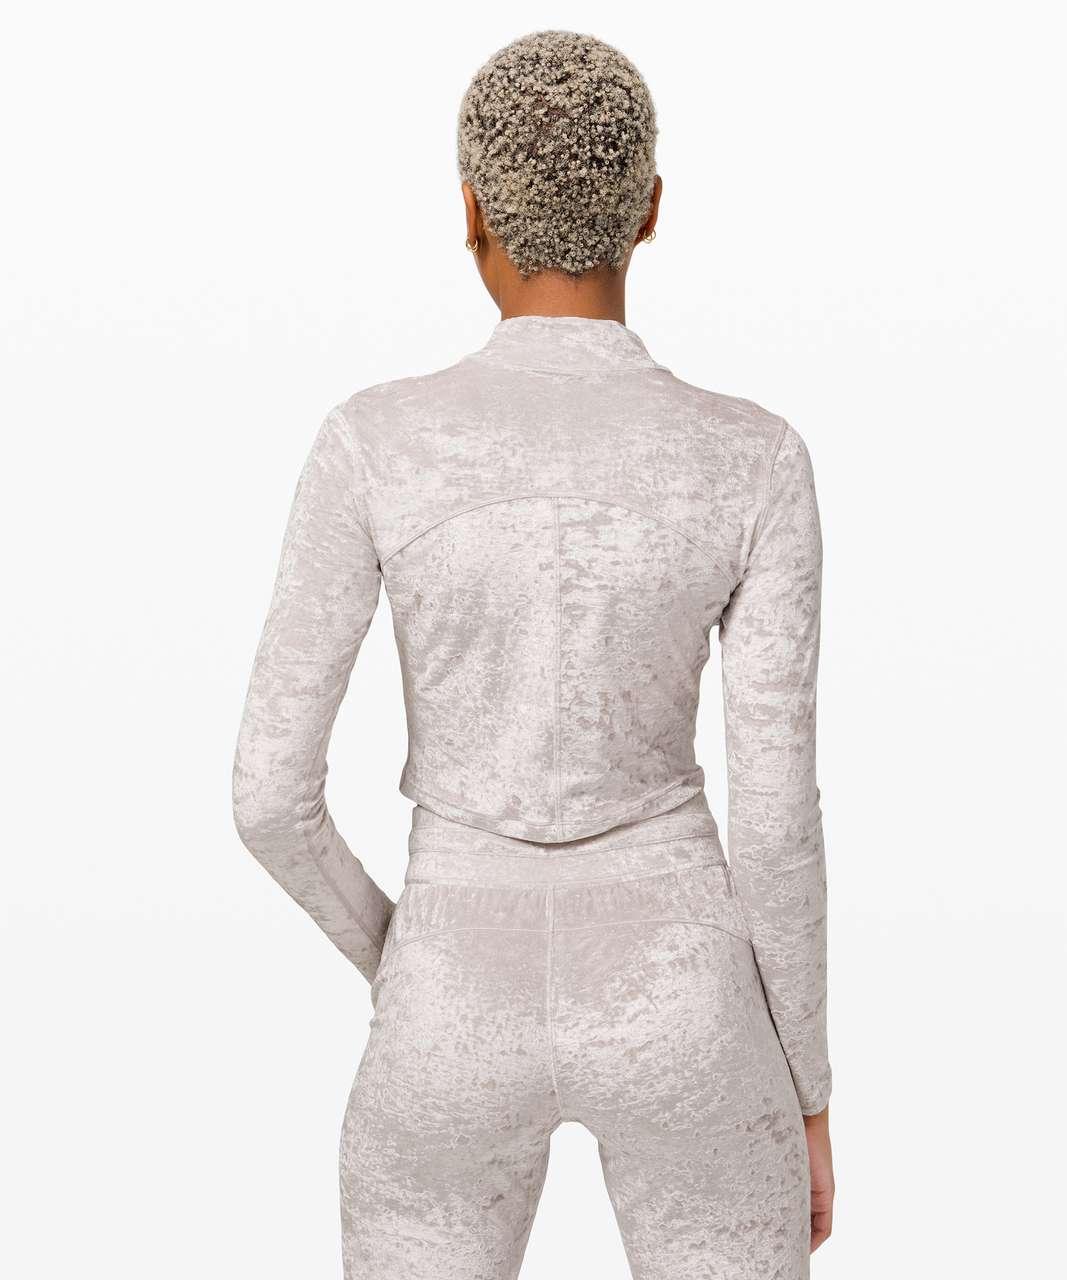 Lululemon All Aligned Mock Neck Long Sleeve *Crushed Velvet - Chrome